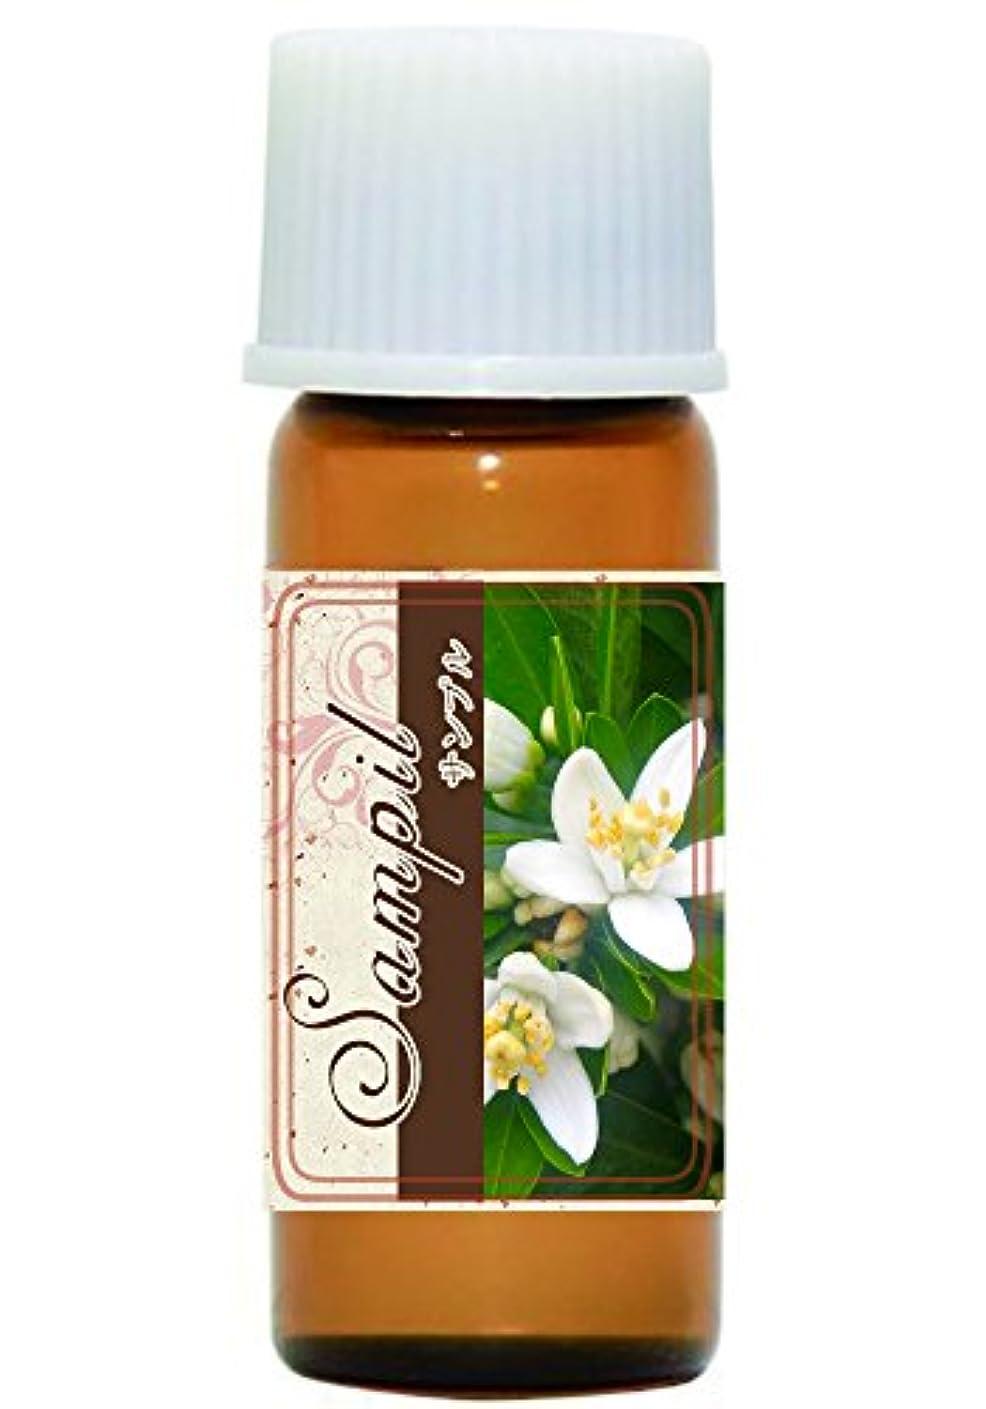 枝会員三角【お試しサンプル】 ネロリ(ビターオレンジ花の精油) 0.3ml 100% エッセンシャルオイル アロマオイル